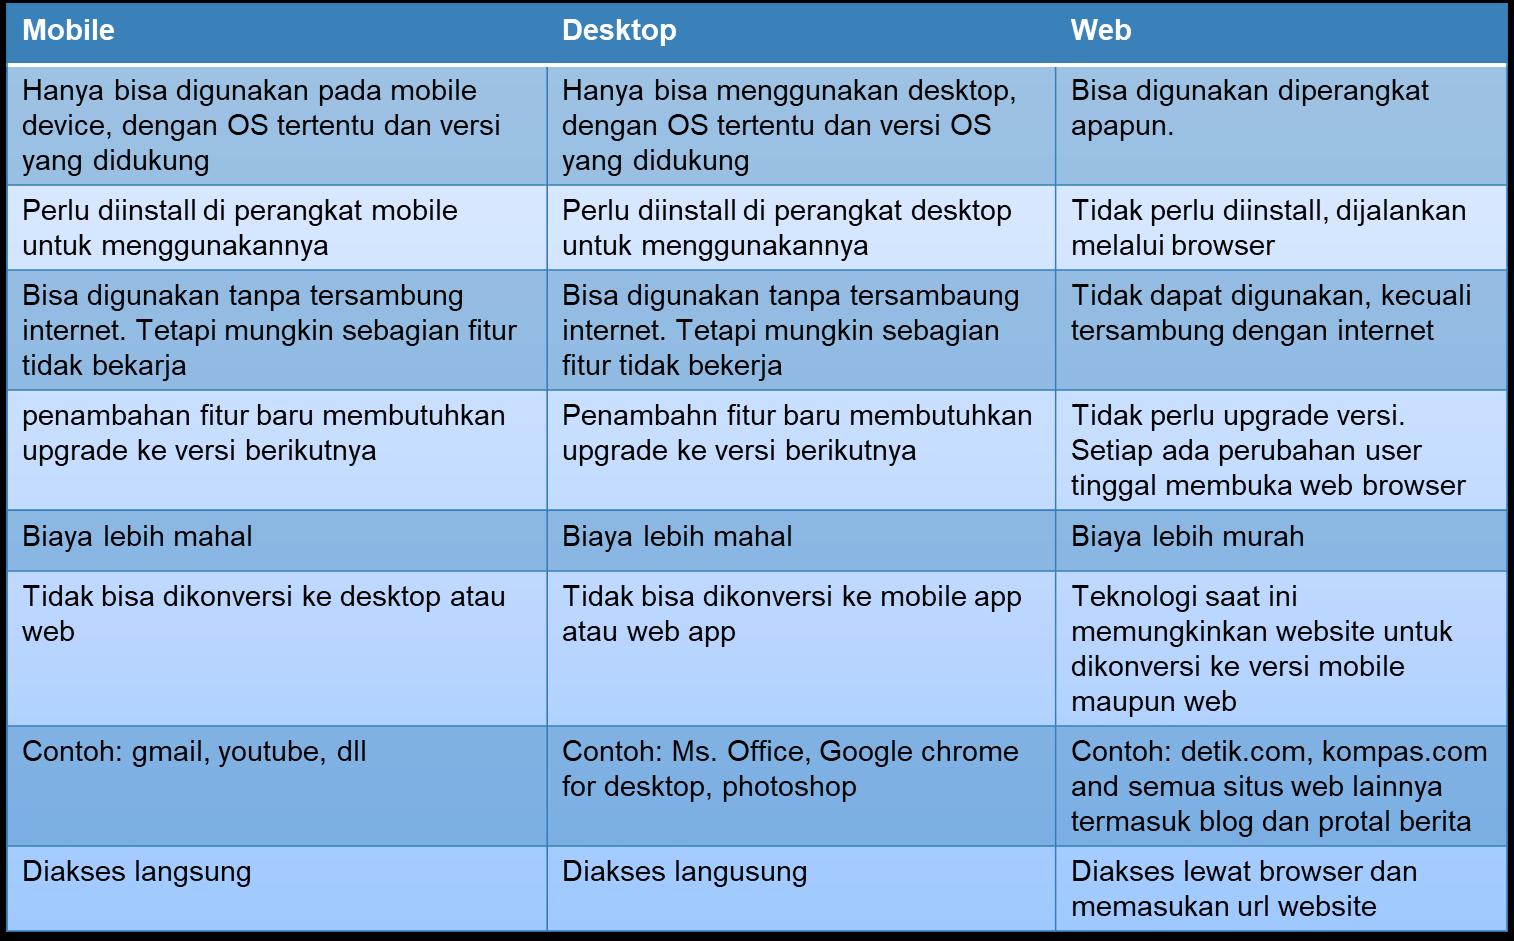 perbedaan aplikasi mobile, dekstop, dan website